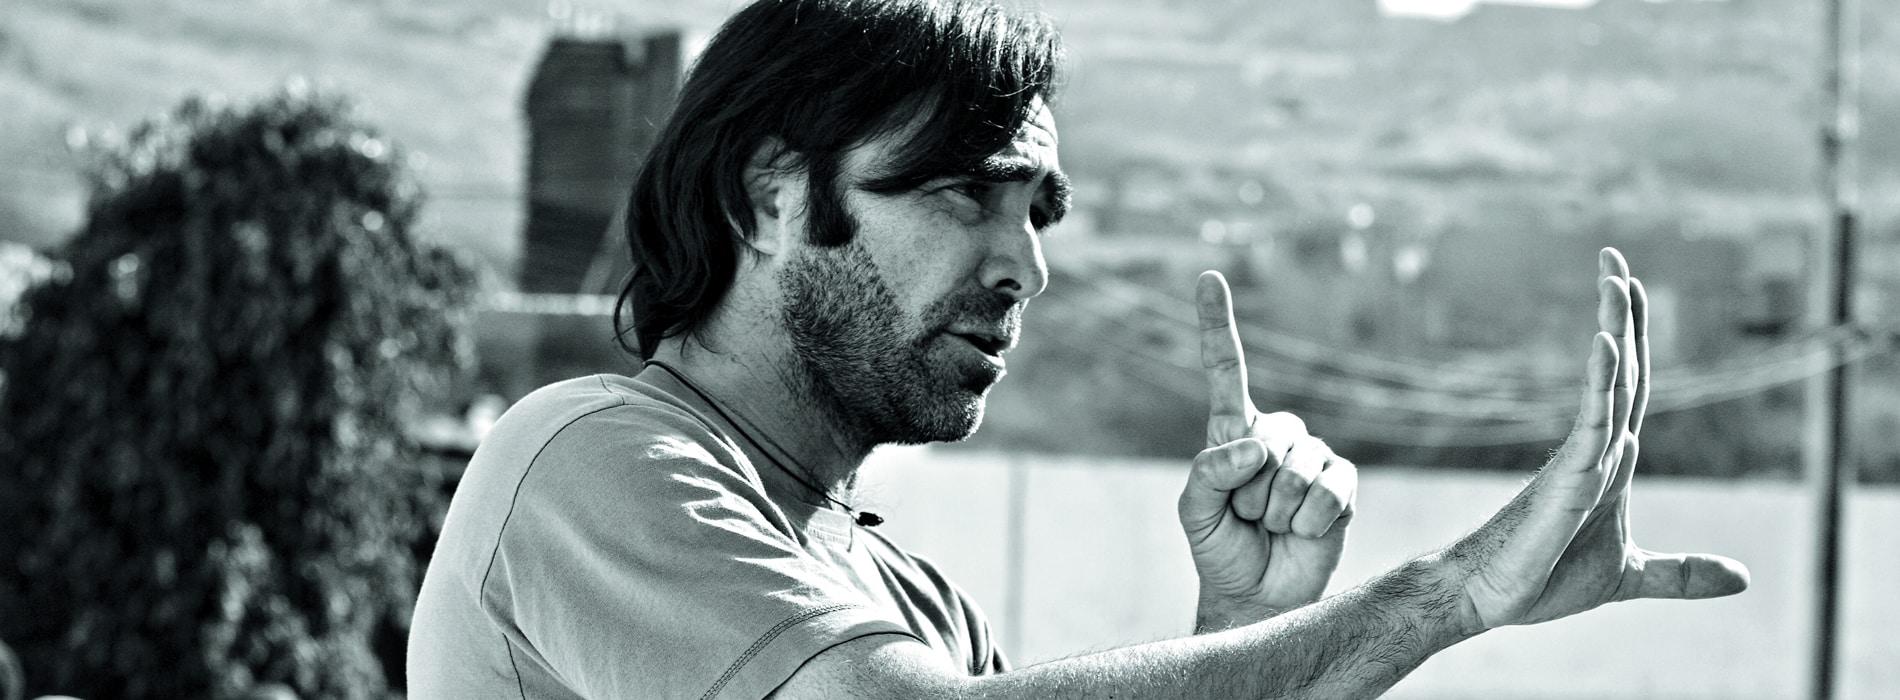 6 películas de Carlos Bolado que querrás ver